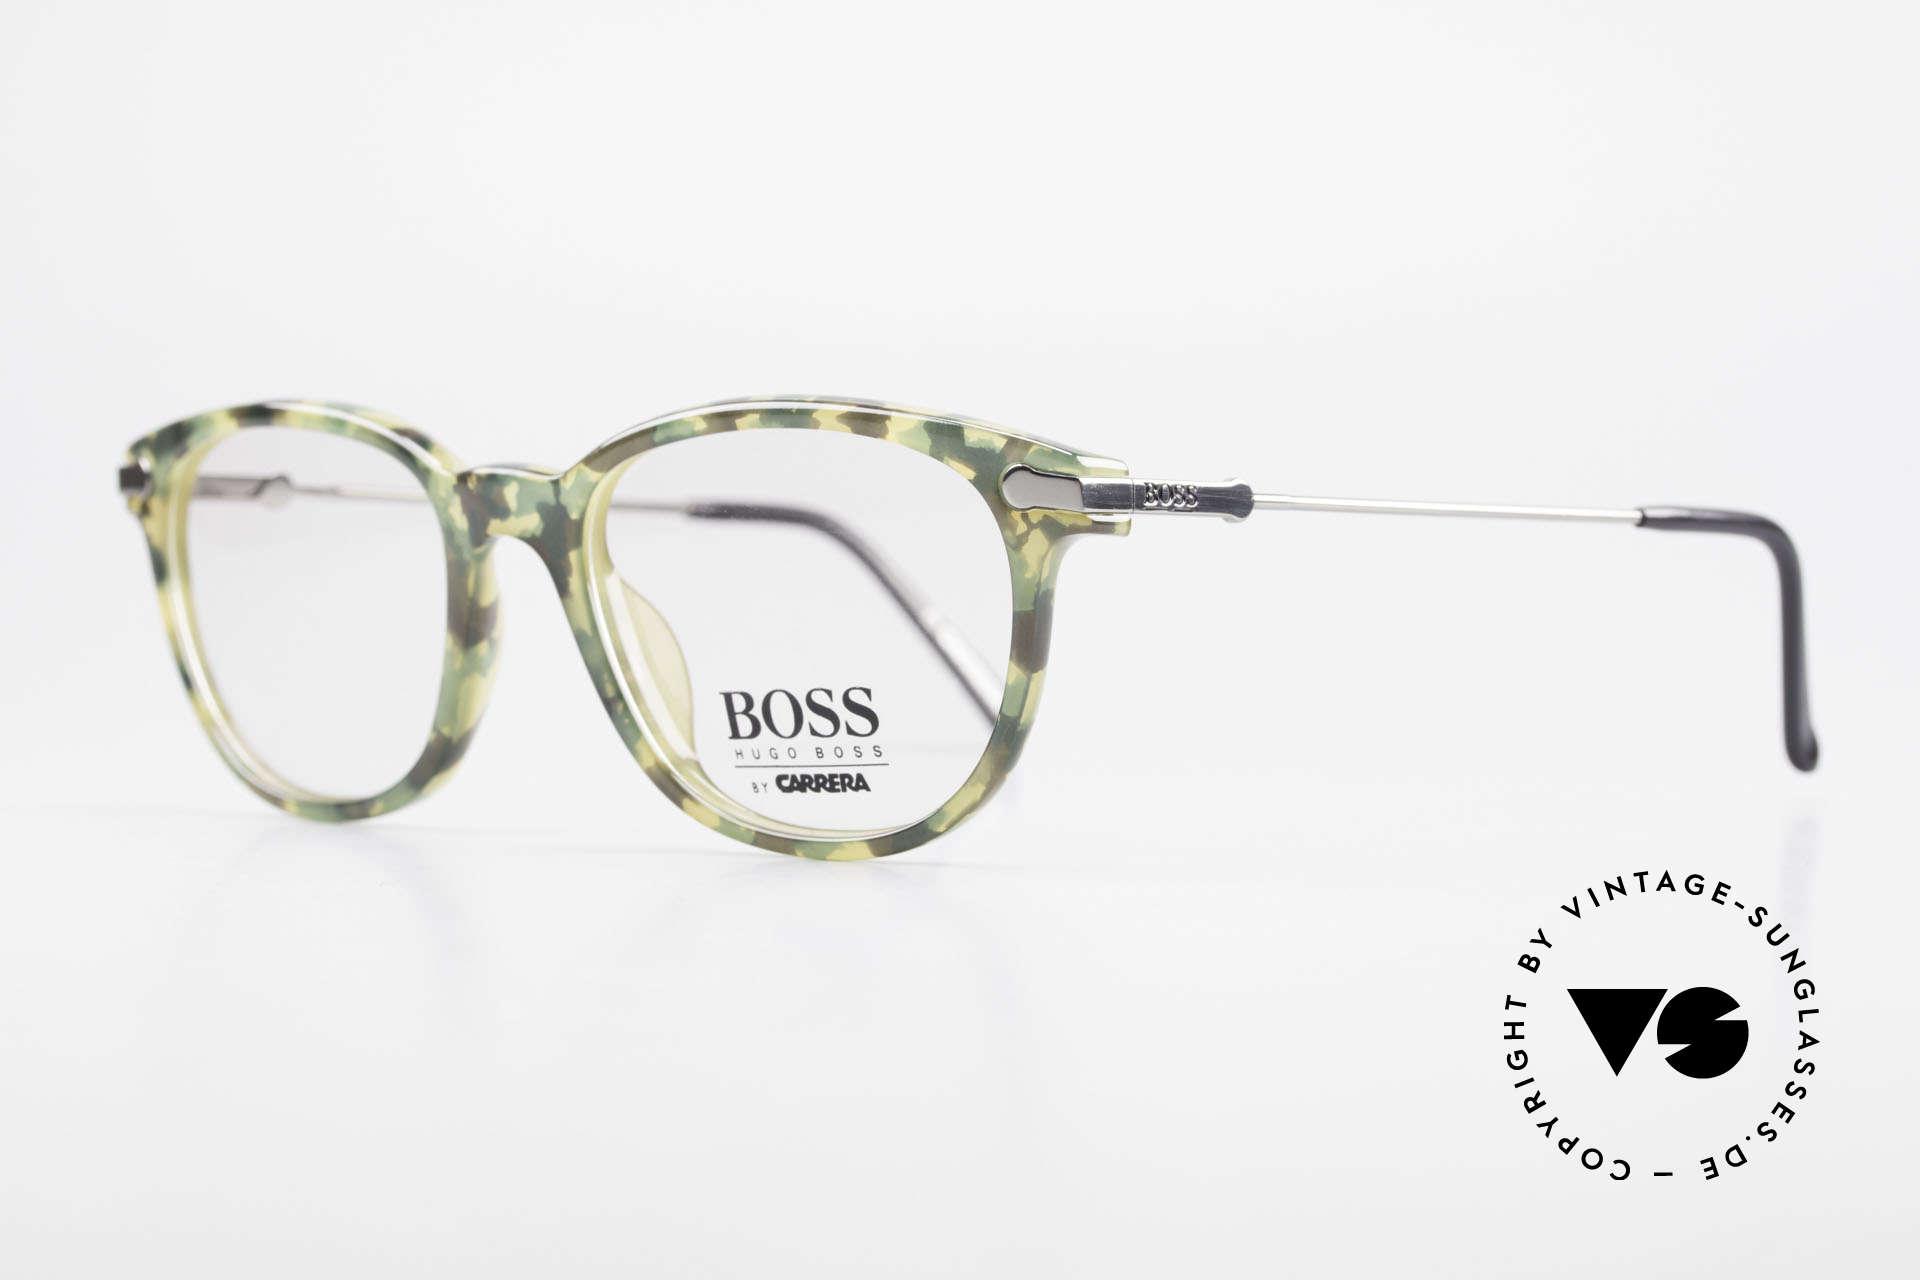 BOSS 5115 Vintage Brille In Tarnfarbe, Muster der Brillen-Front wirkt wie eine Tarnfarbe, Passend für Herren